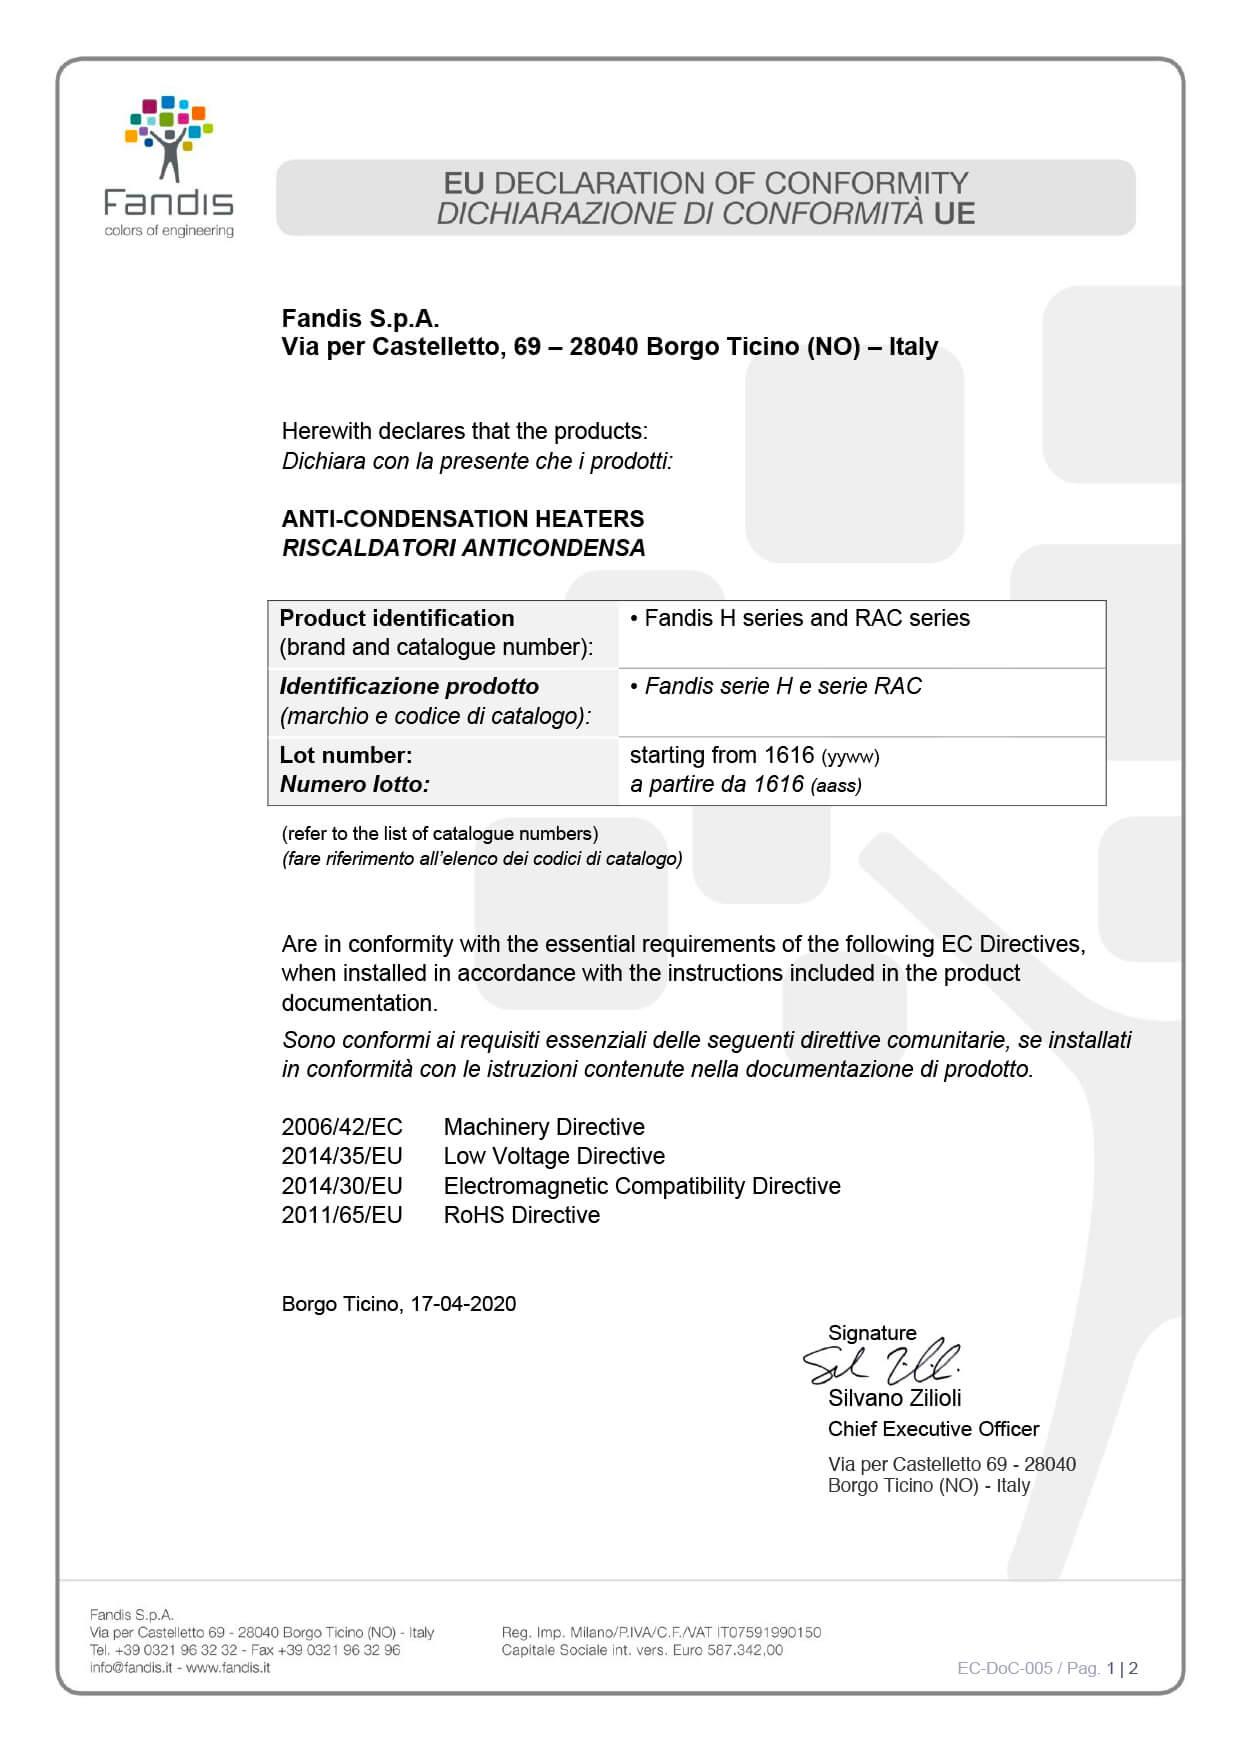 EC DoC 005 riscaldatori